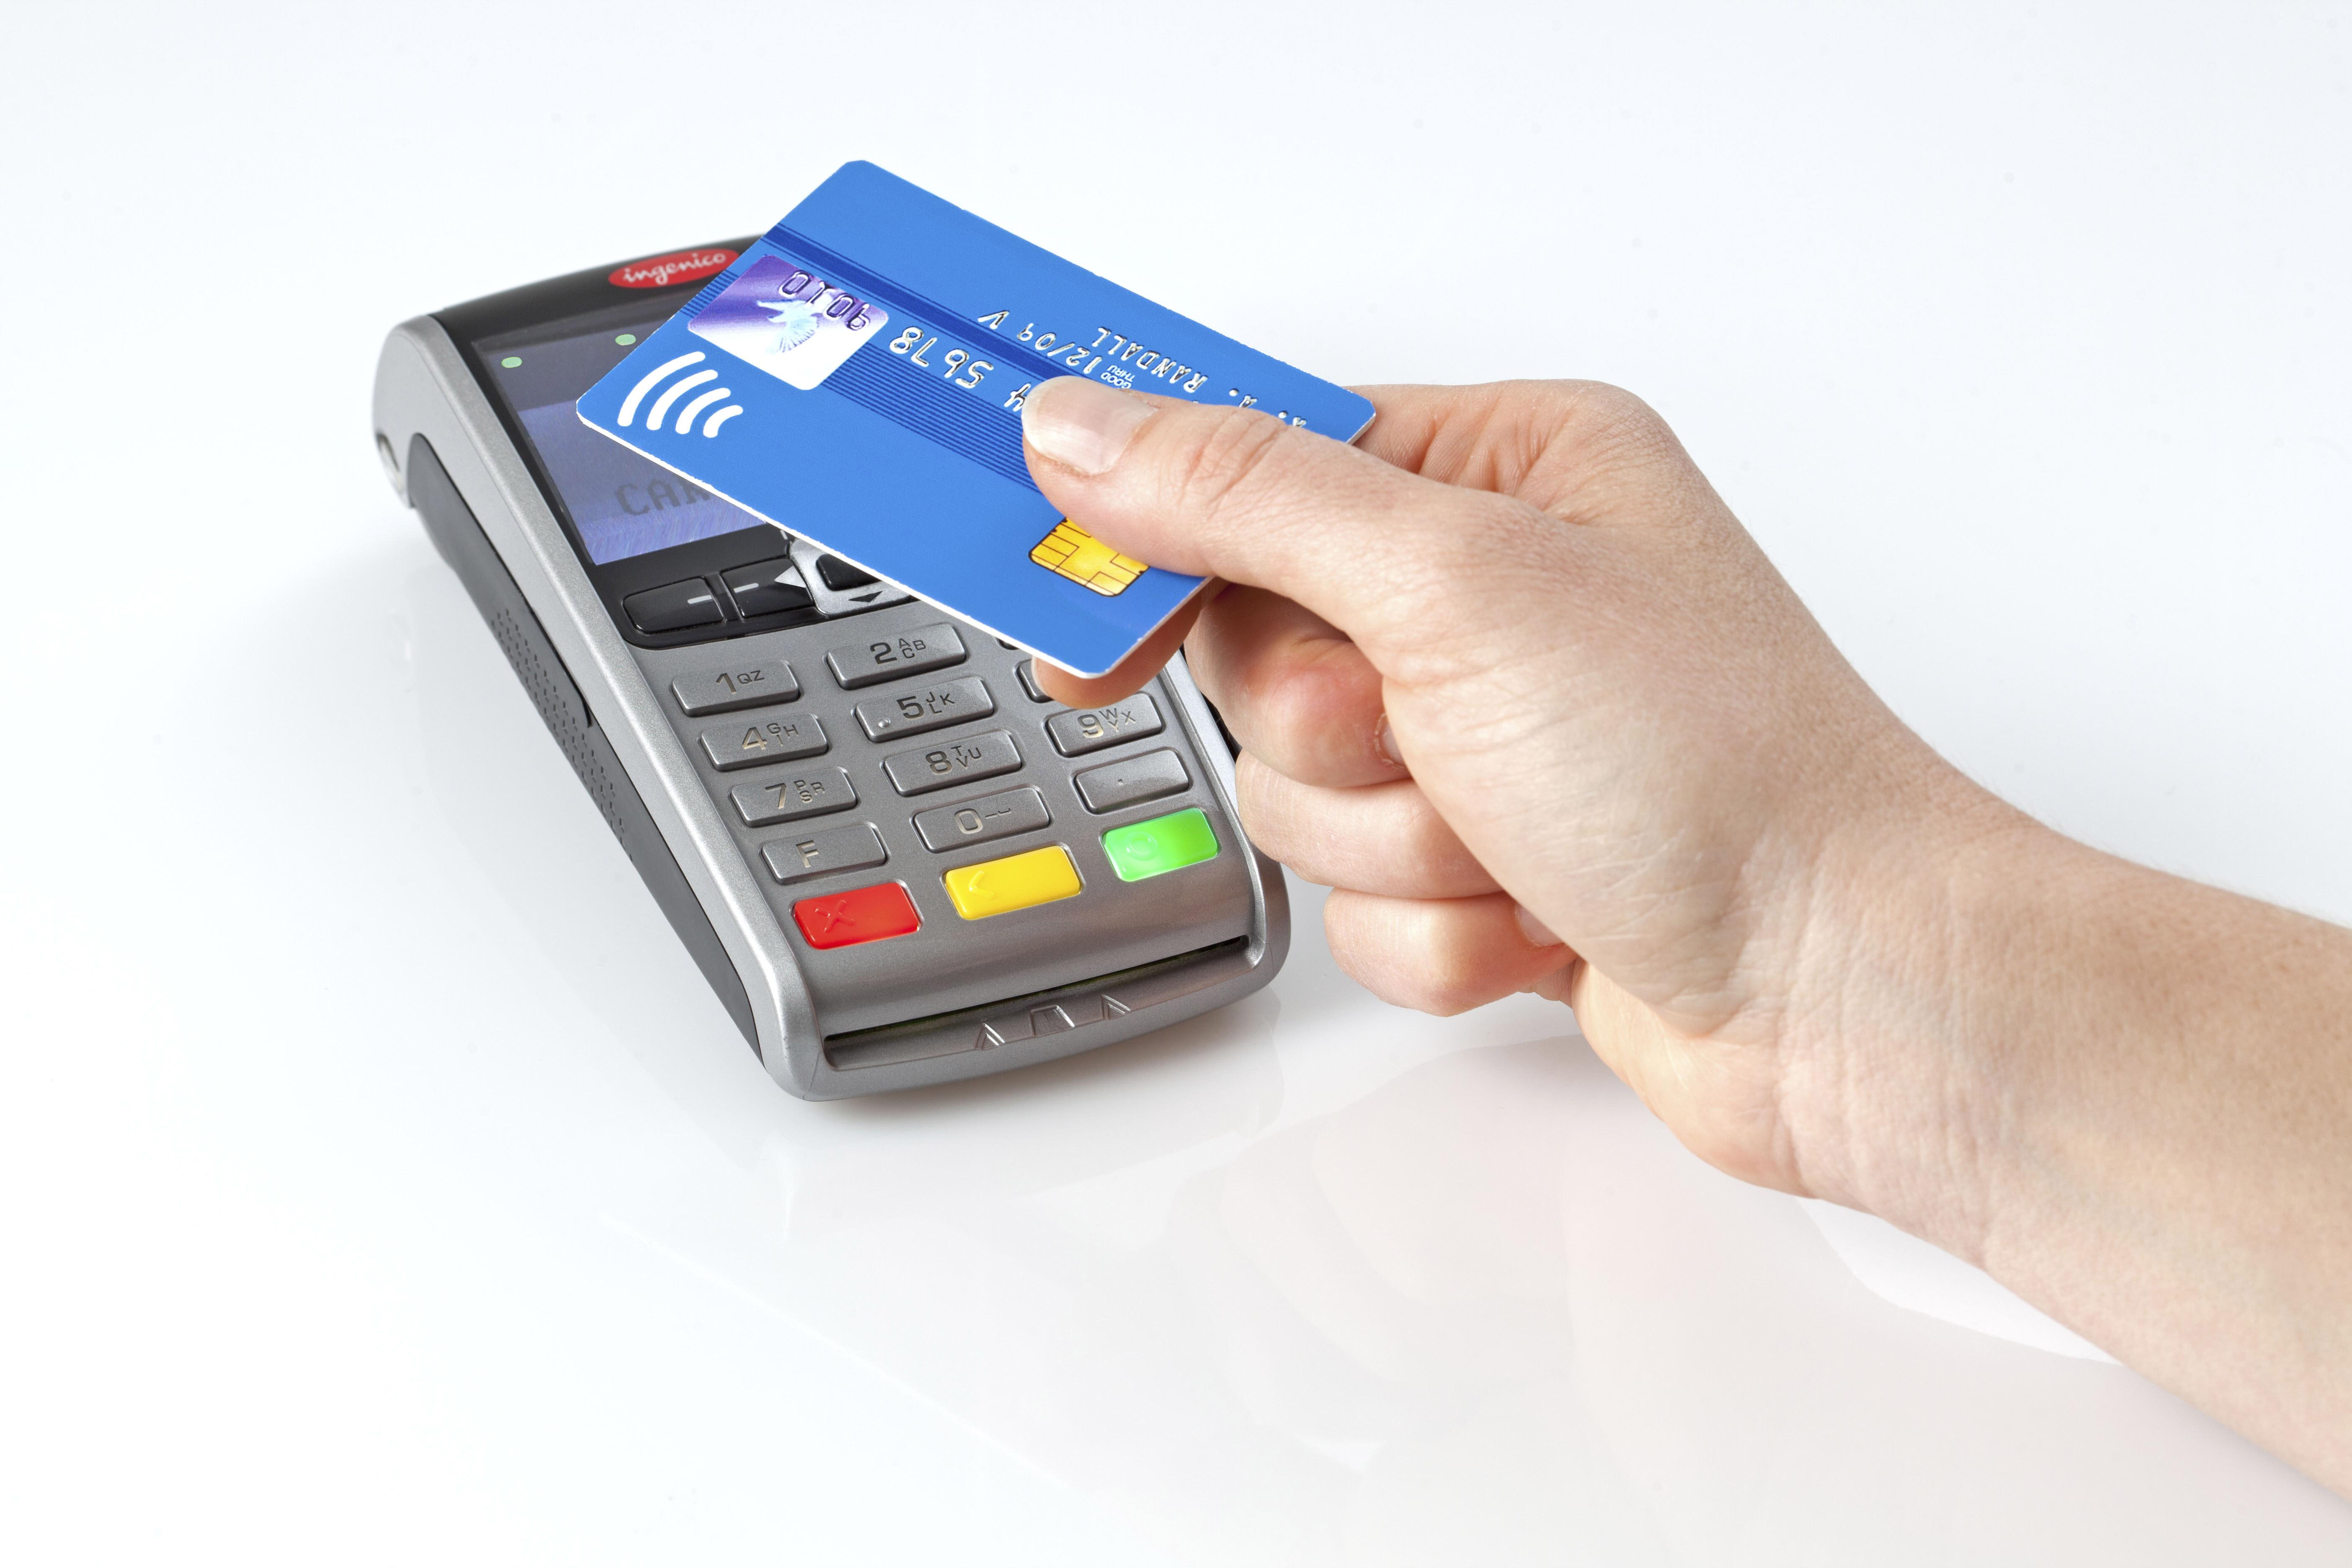 Sistemi di pagamento contacless: come funzionano e quanto sono sicuri